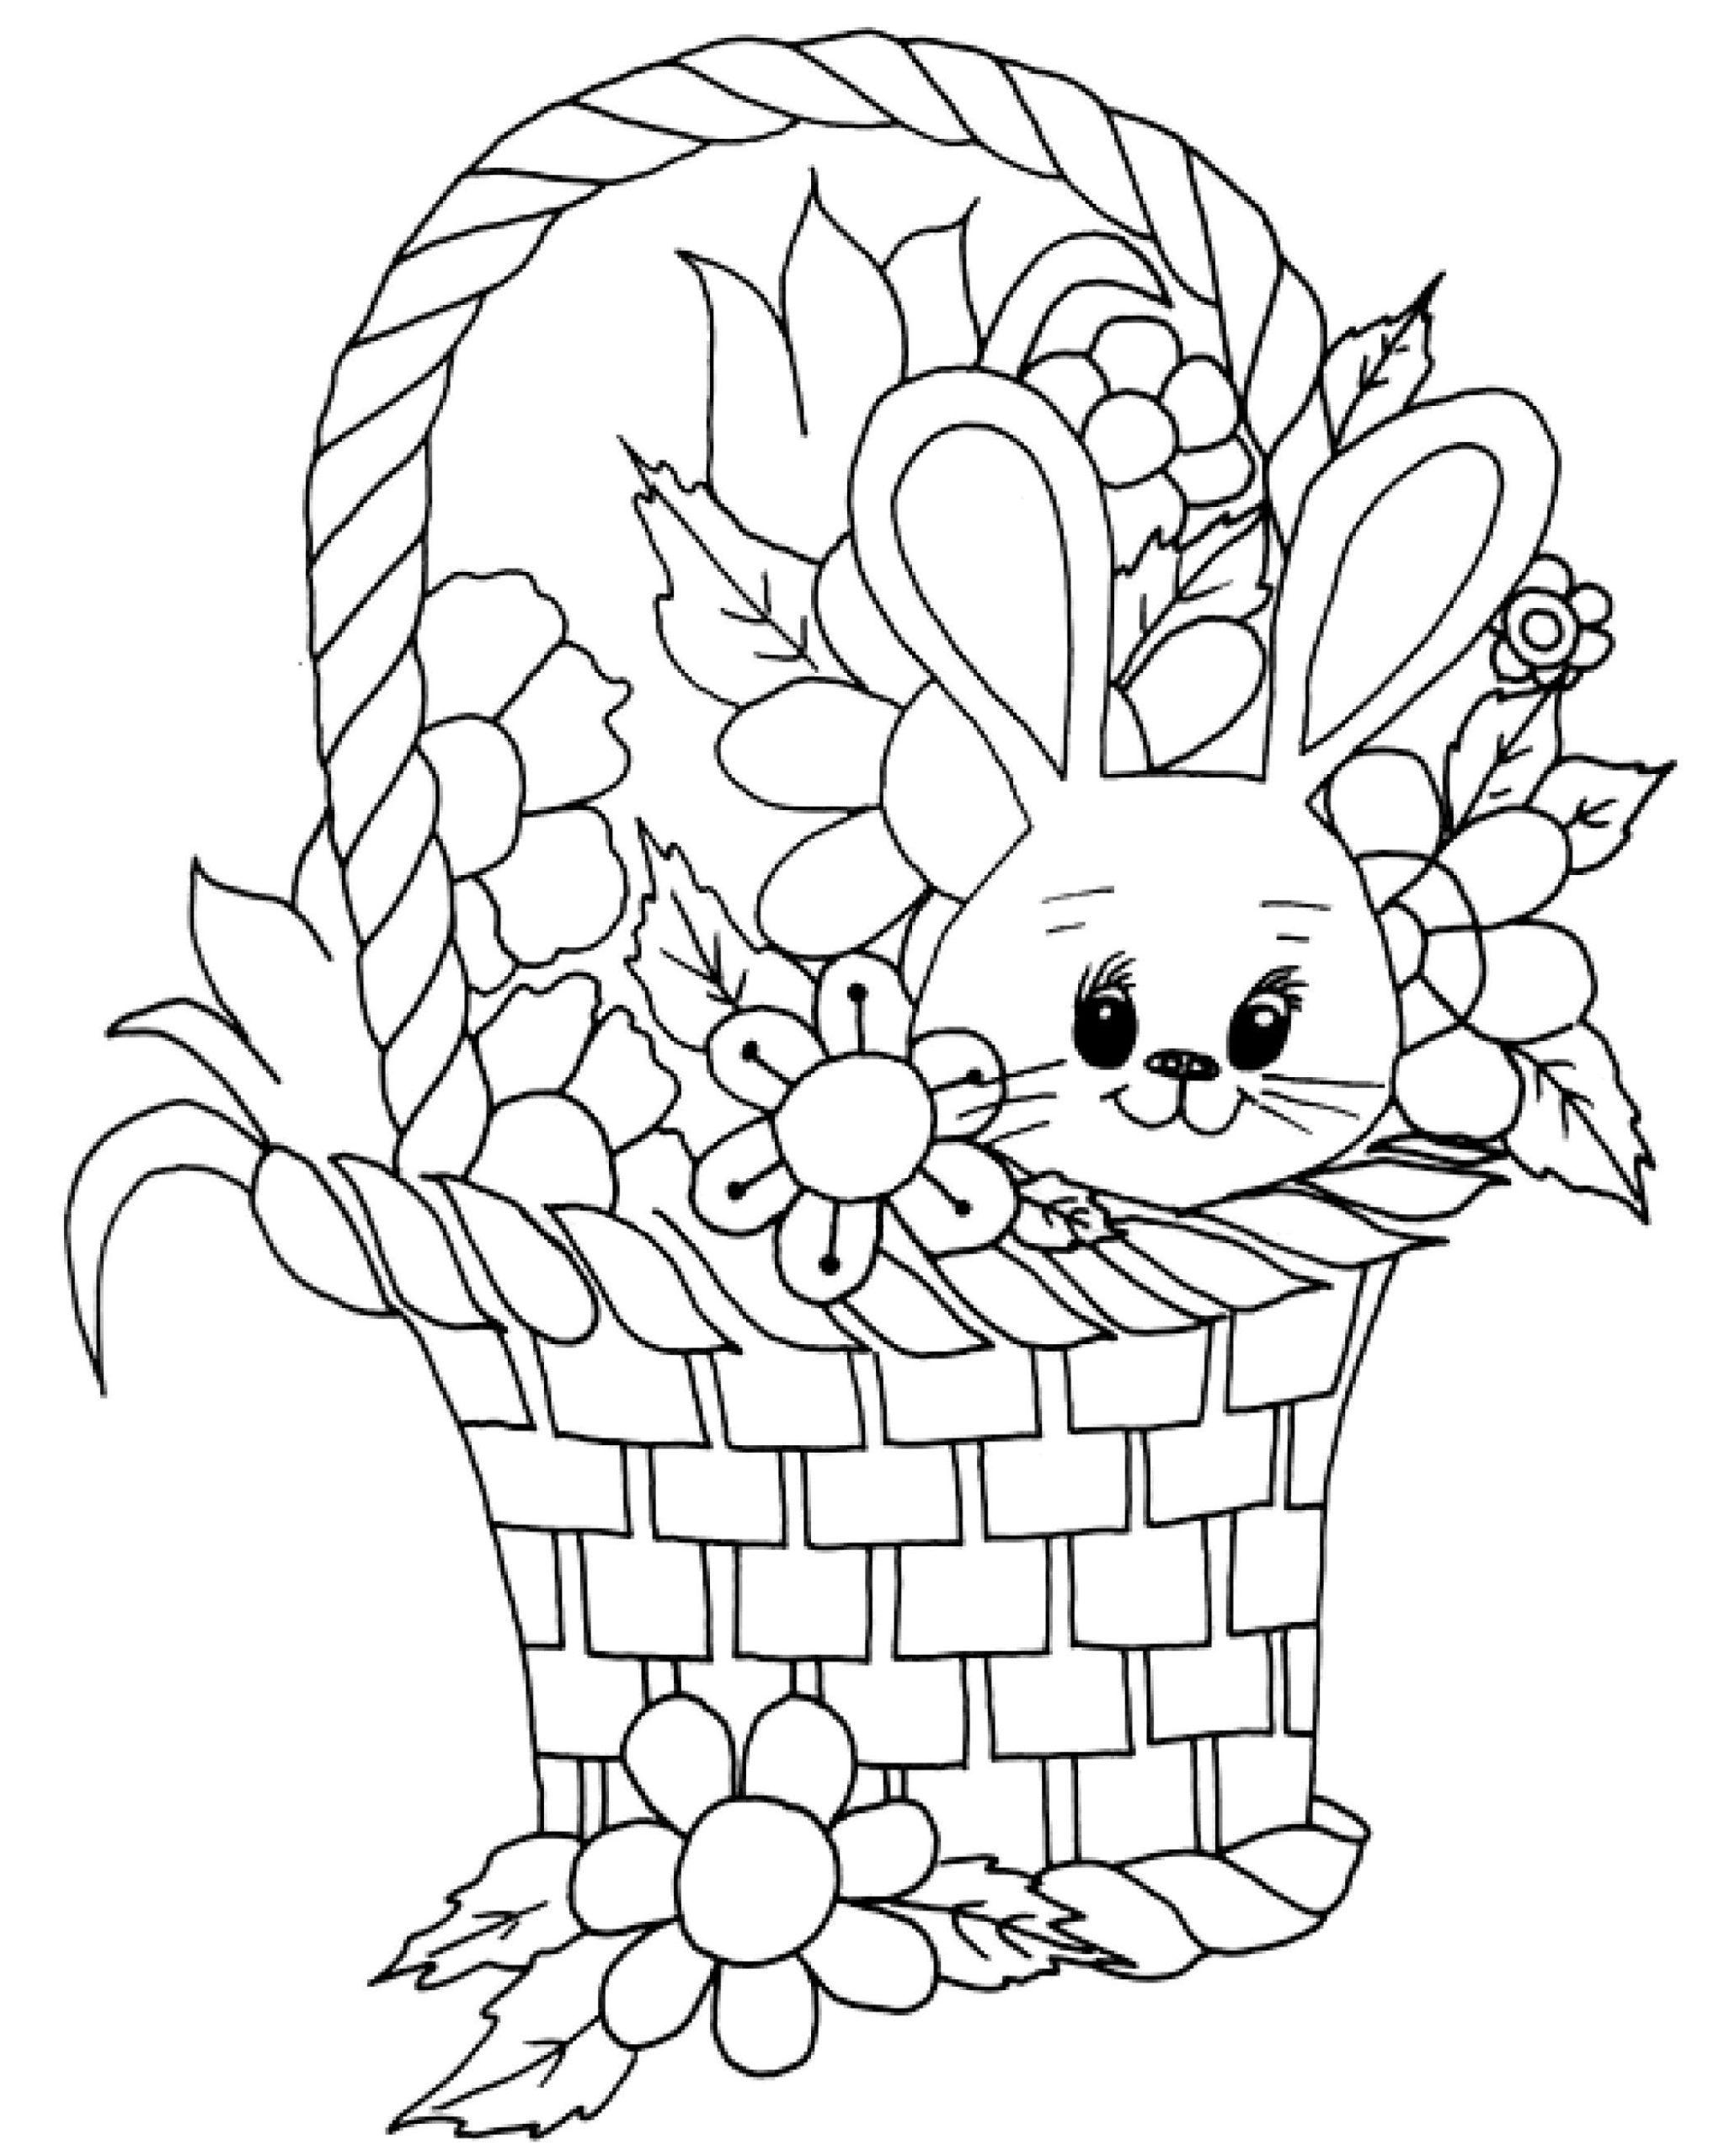 Frisch Ostern Bilder Zum Ausmalen Farbung Malvorlagen Malvorlagenfurkinder Easter Coloring Pages Easter Colouring Coloring Pages